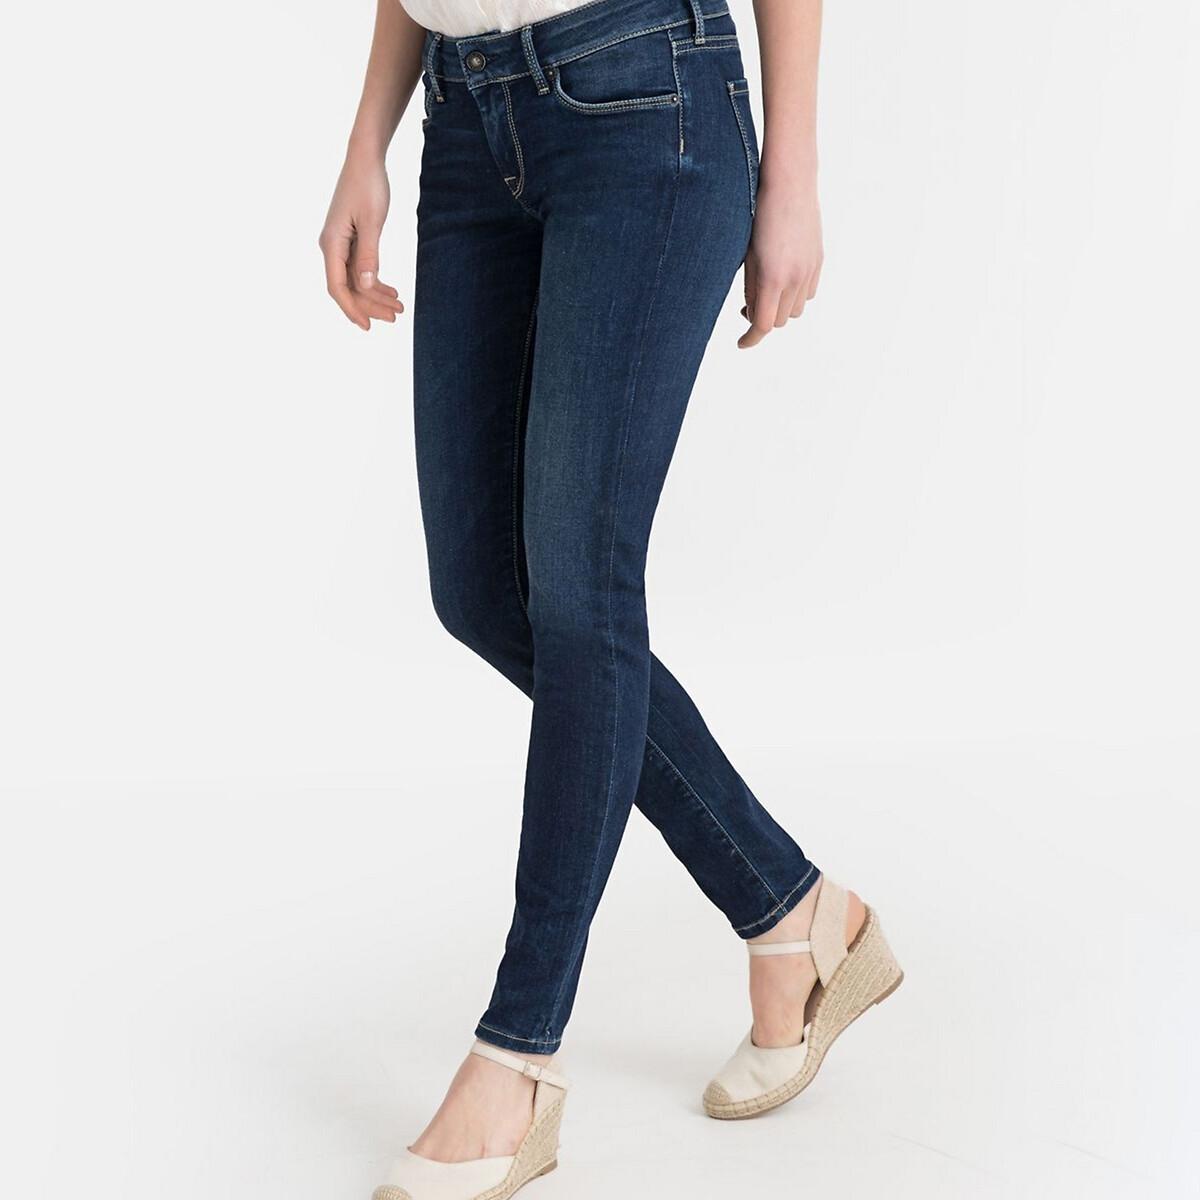 Фото - Джинсы LaRedoute Скинни 25/32 синий джинсы laredoute скинни длина 30 s черный